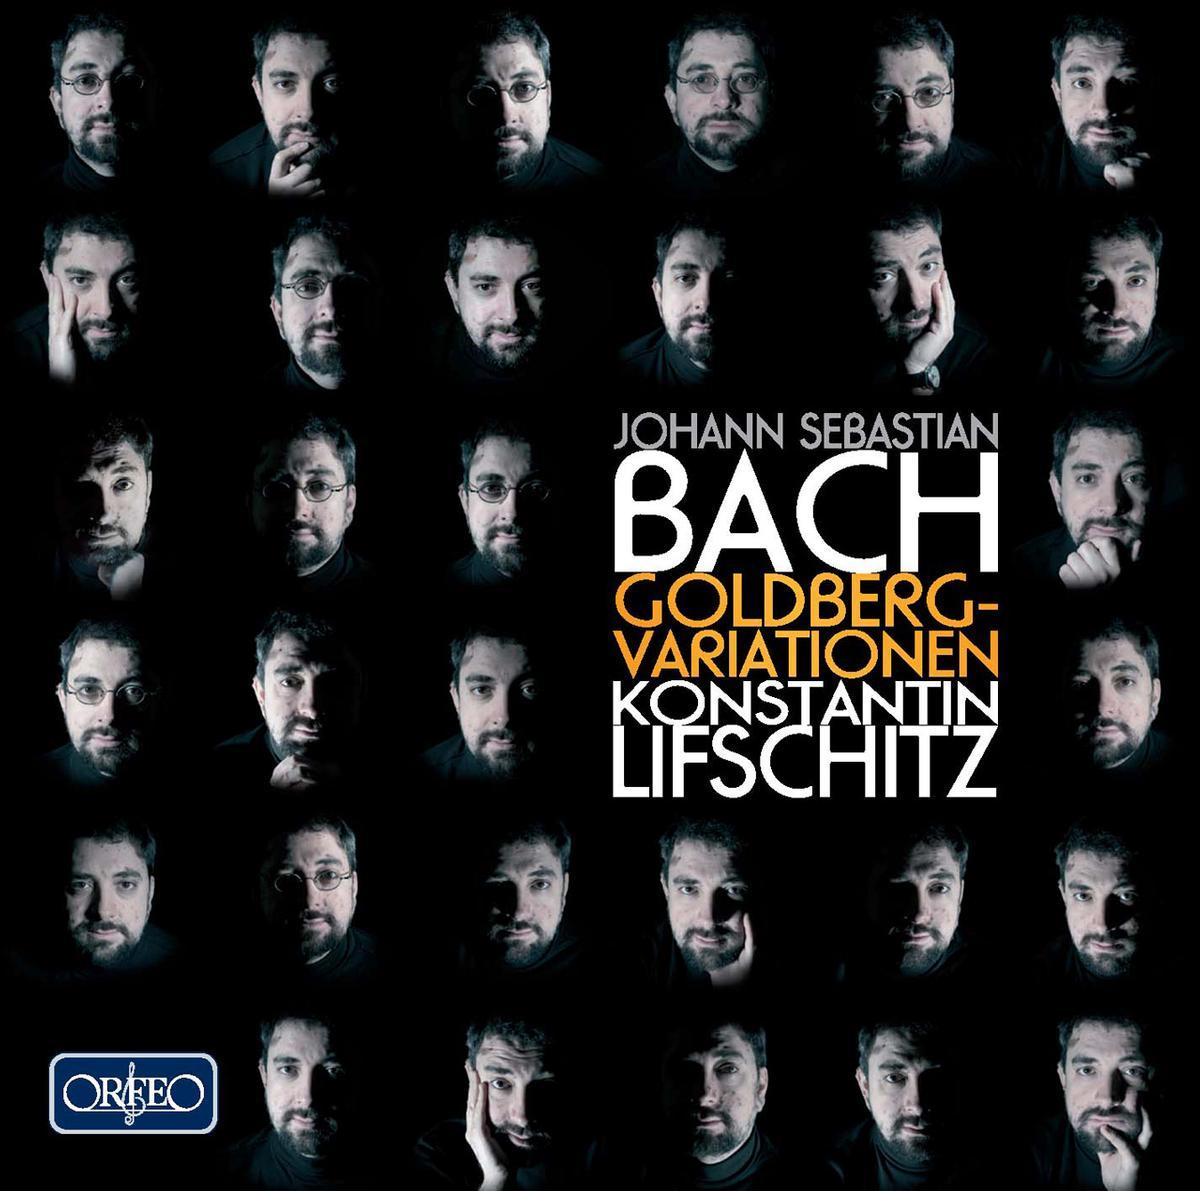 Johann Sebastian Bach, Goldberg-Variationen